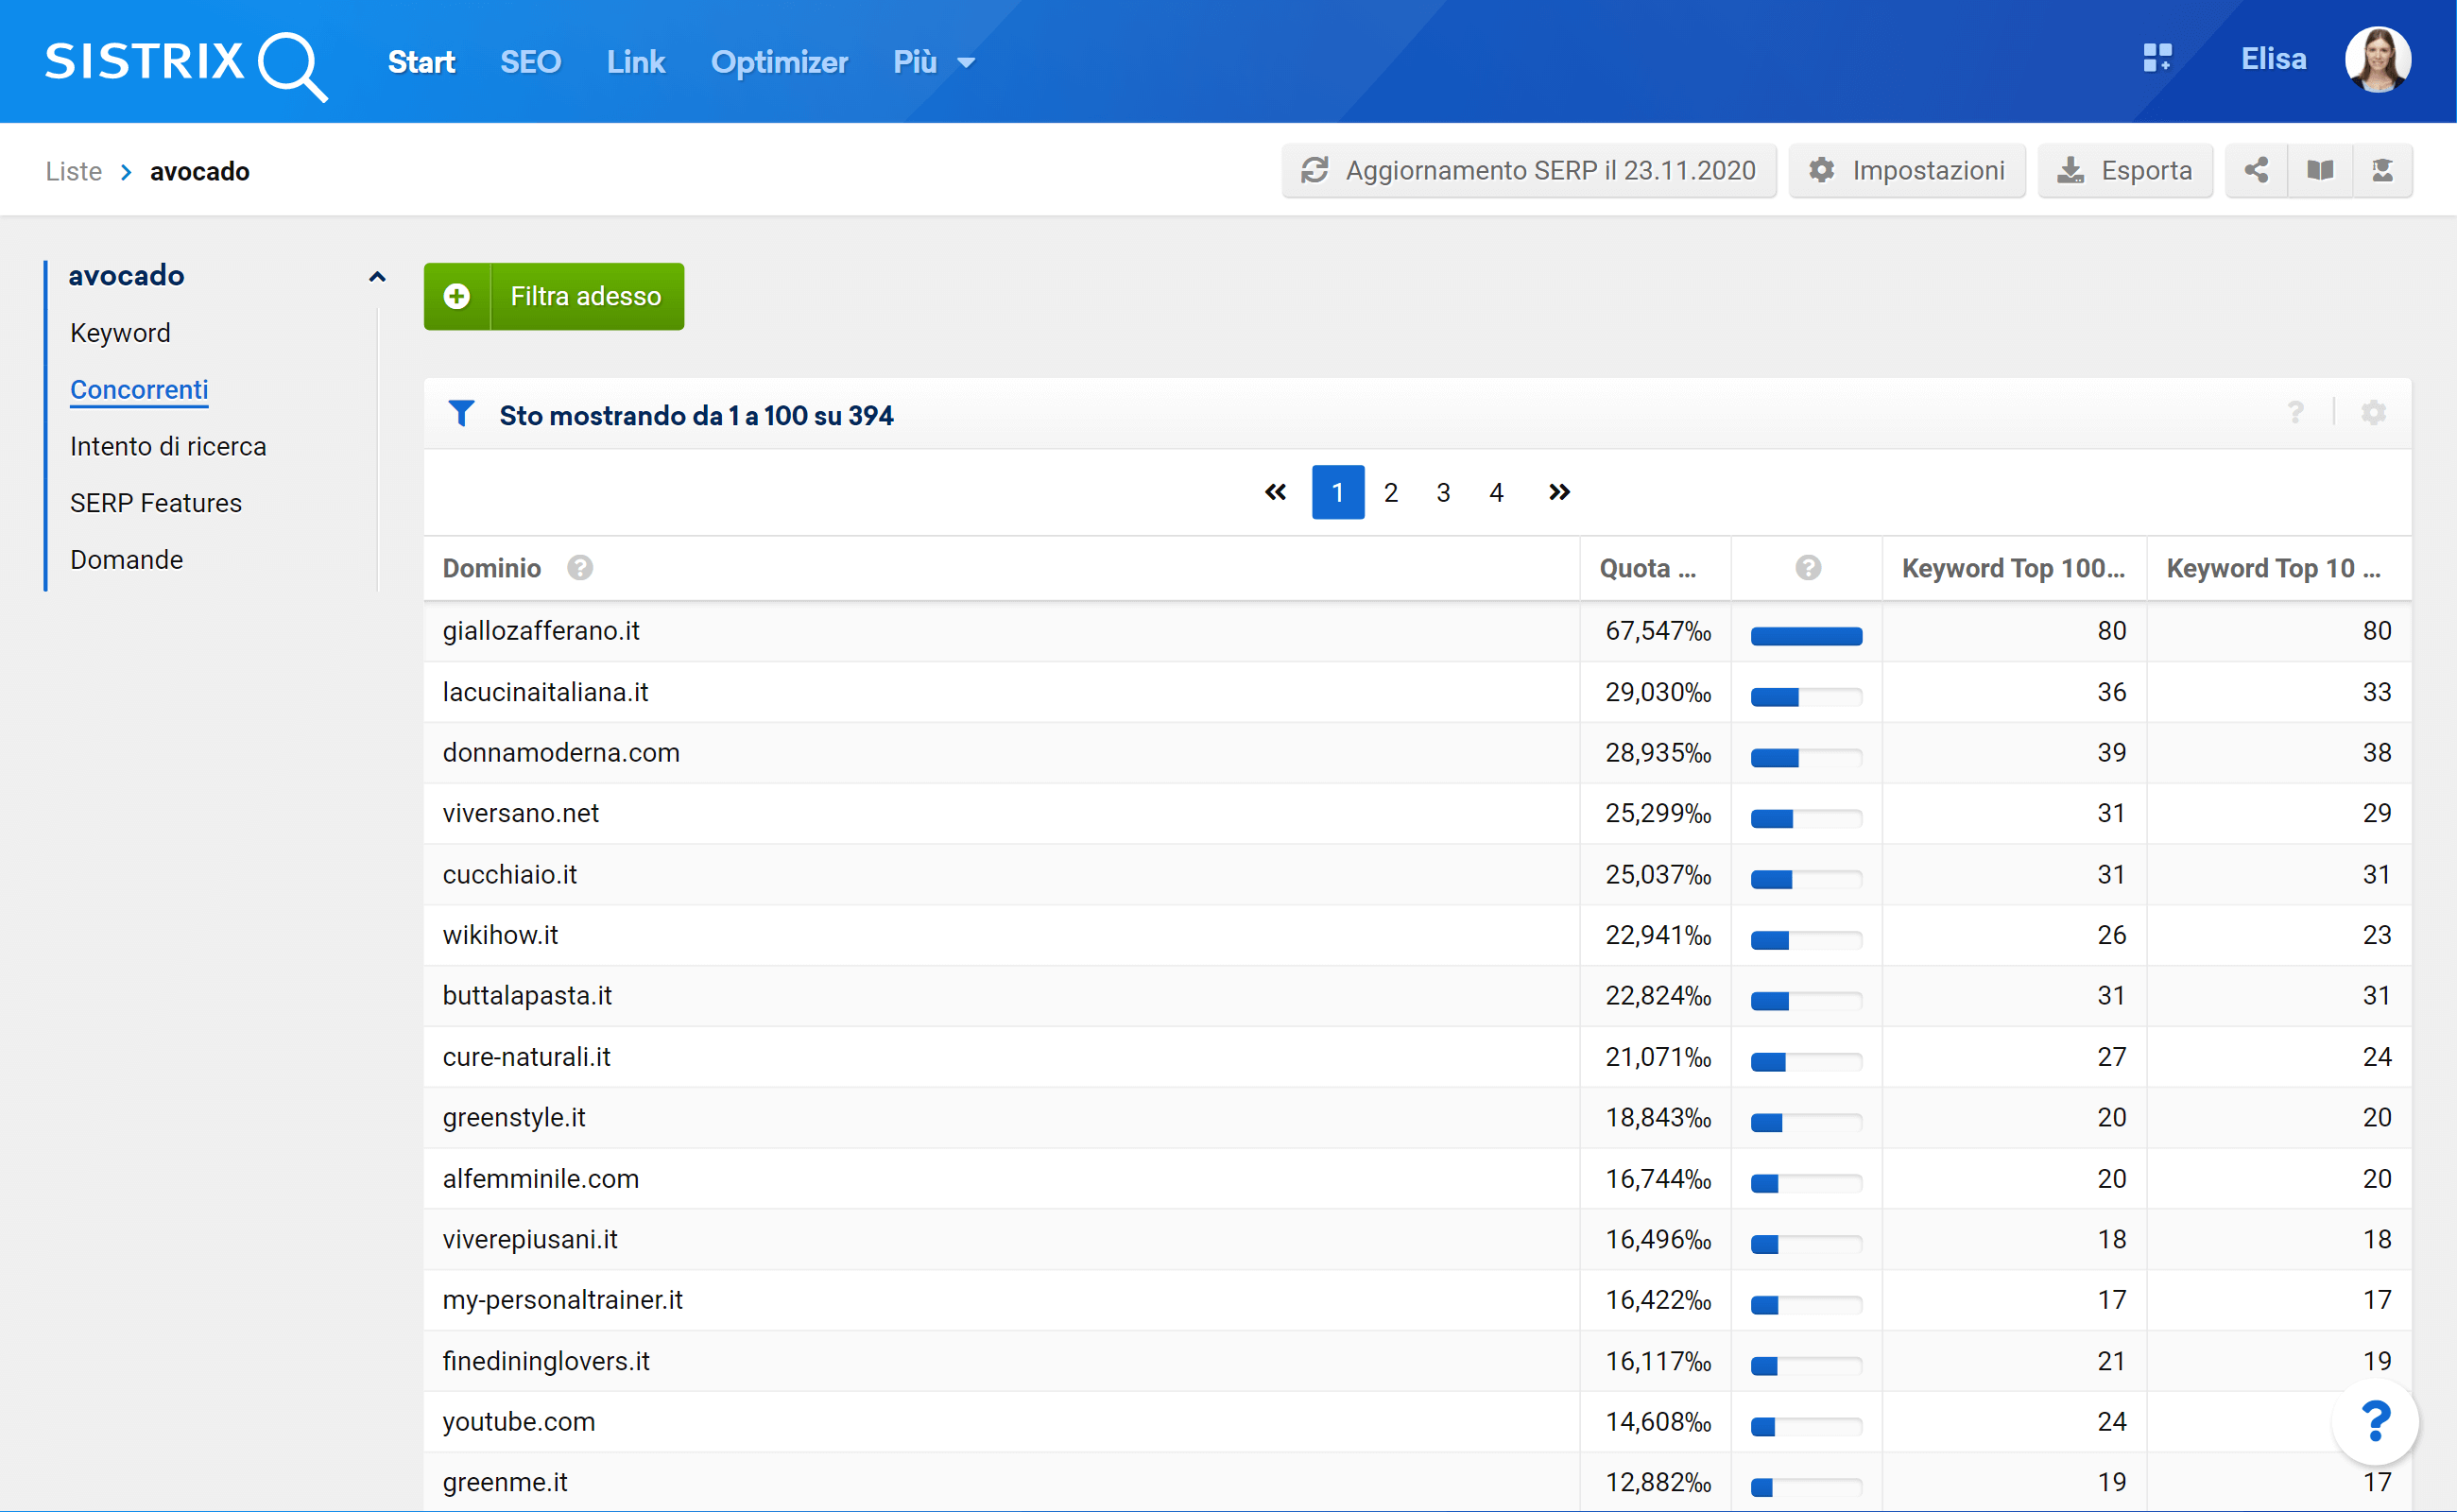 Lista dei concorrenti in base ad un campione di keyword